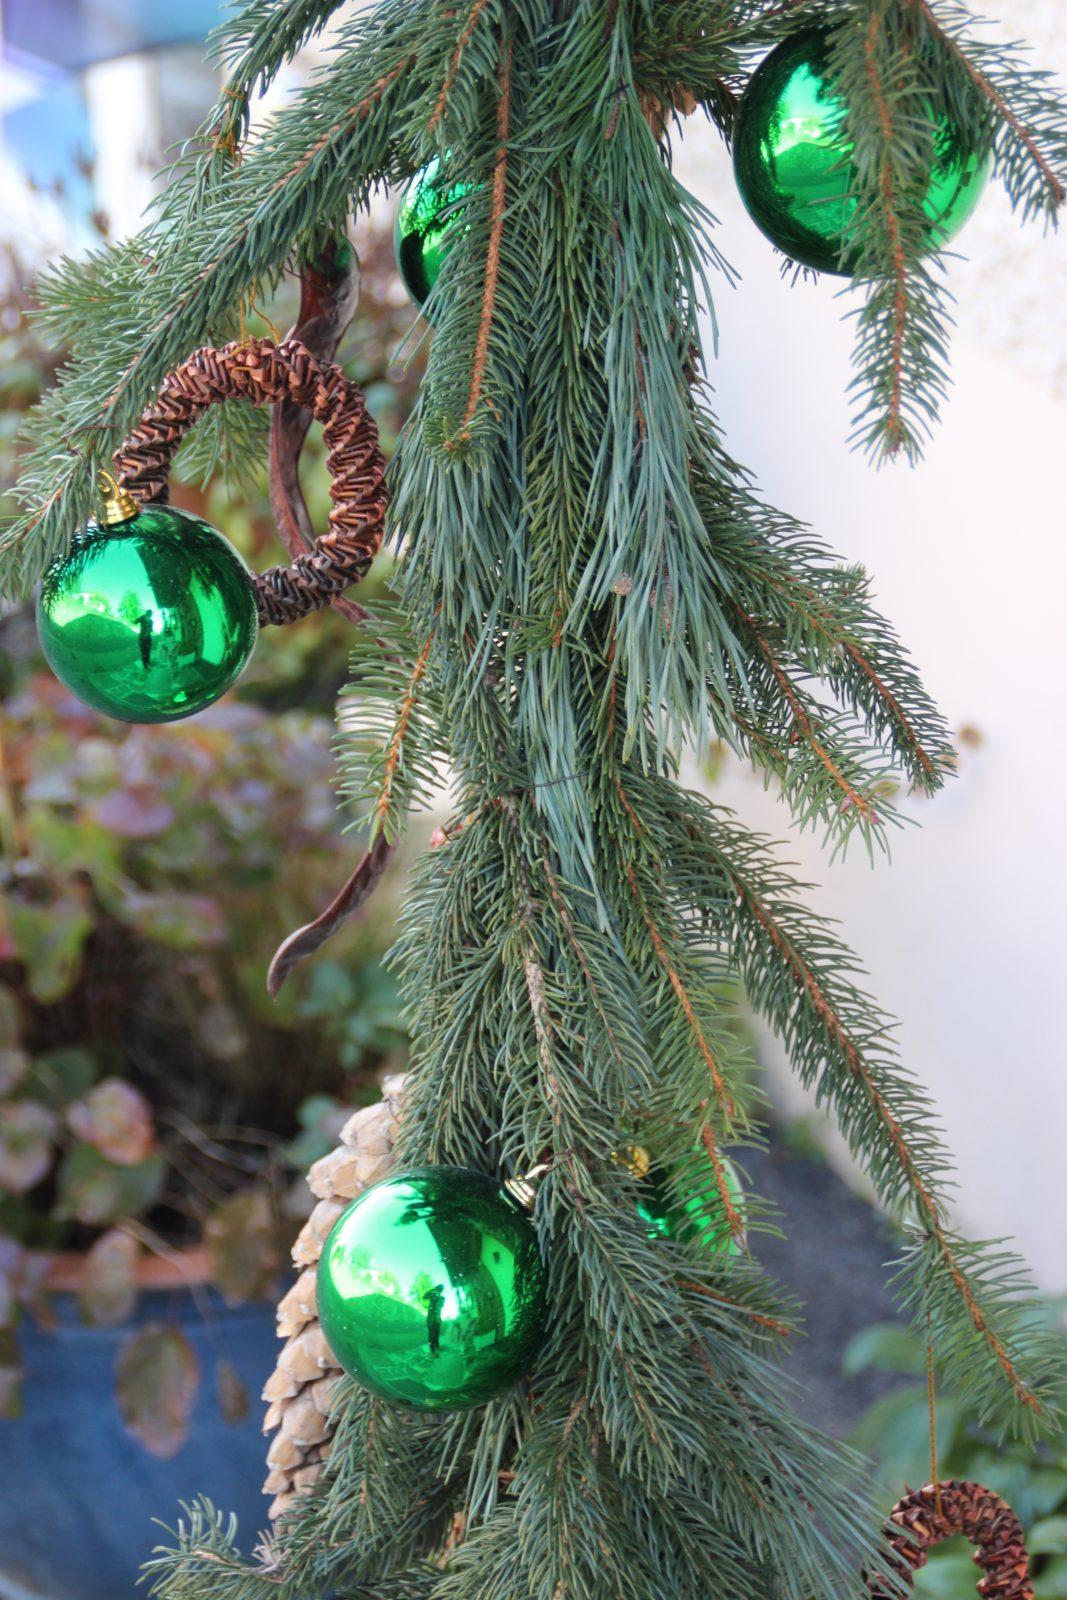 Décembre, l'Avent et Noël